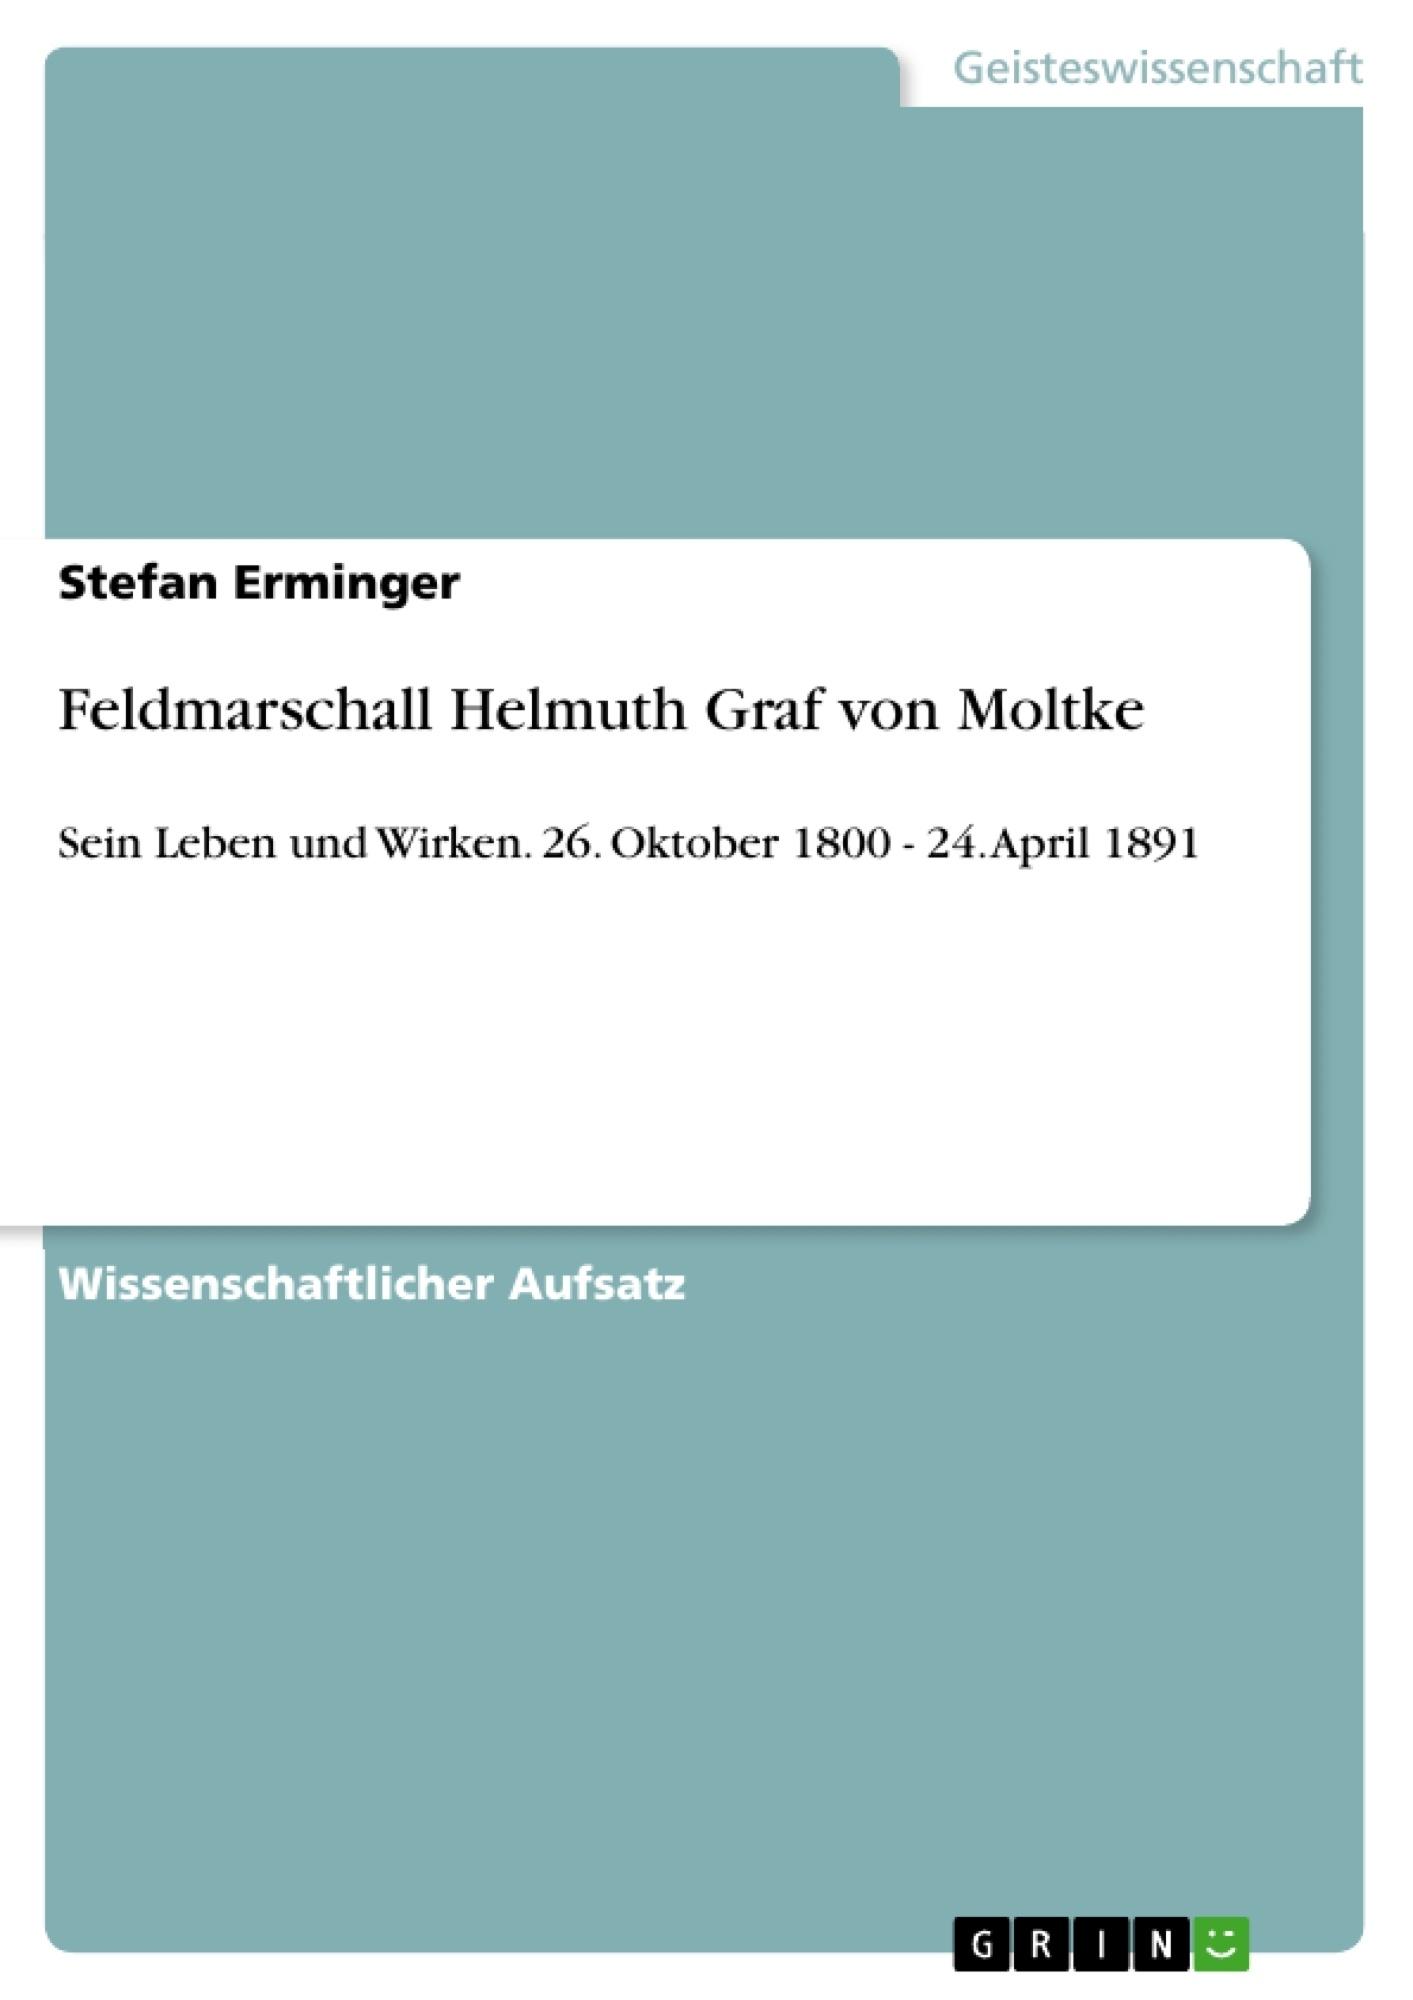 Titel: Feldmarschall Helmuth Graf von Moltke